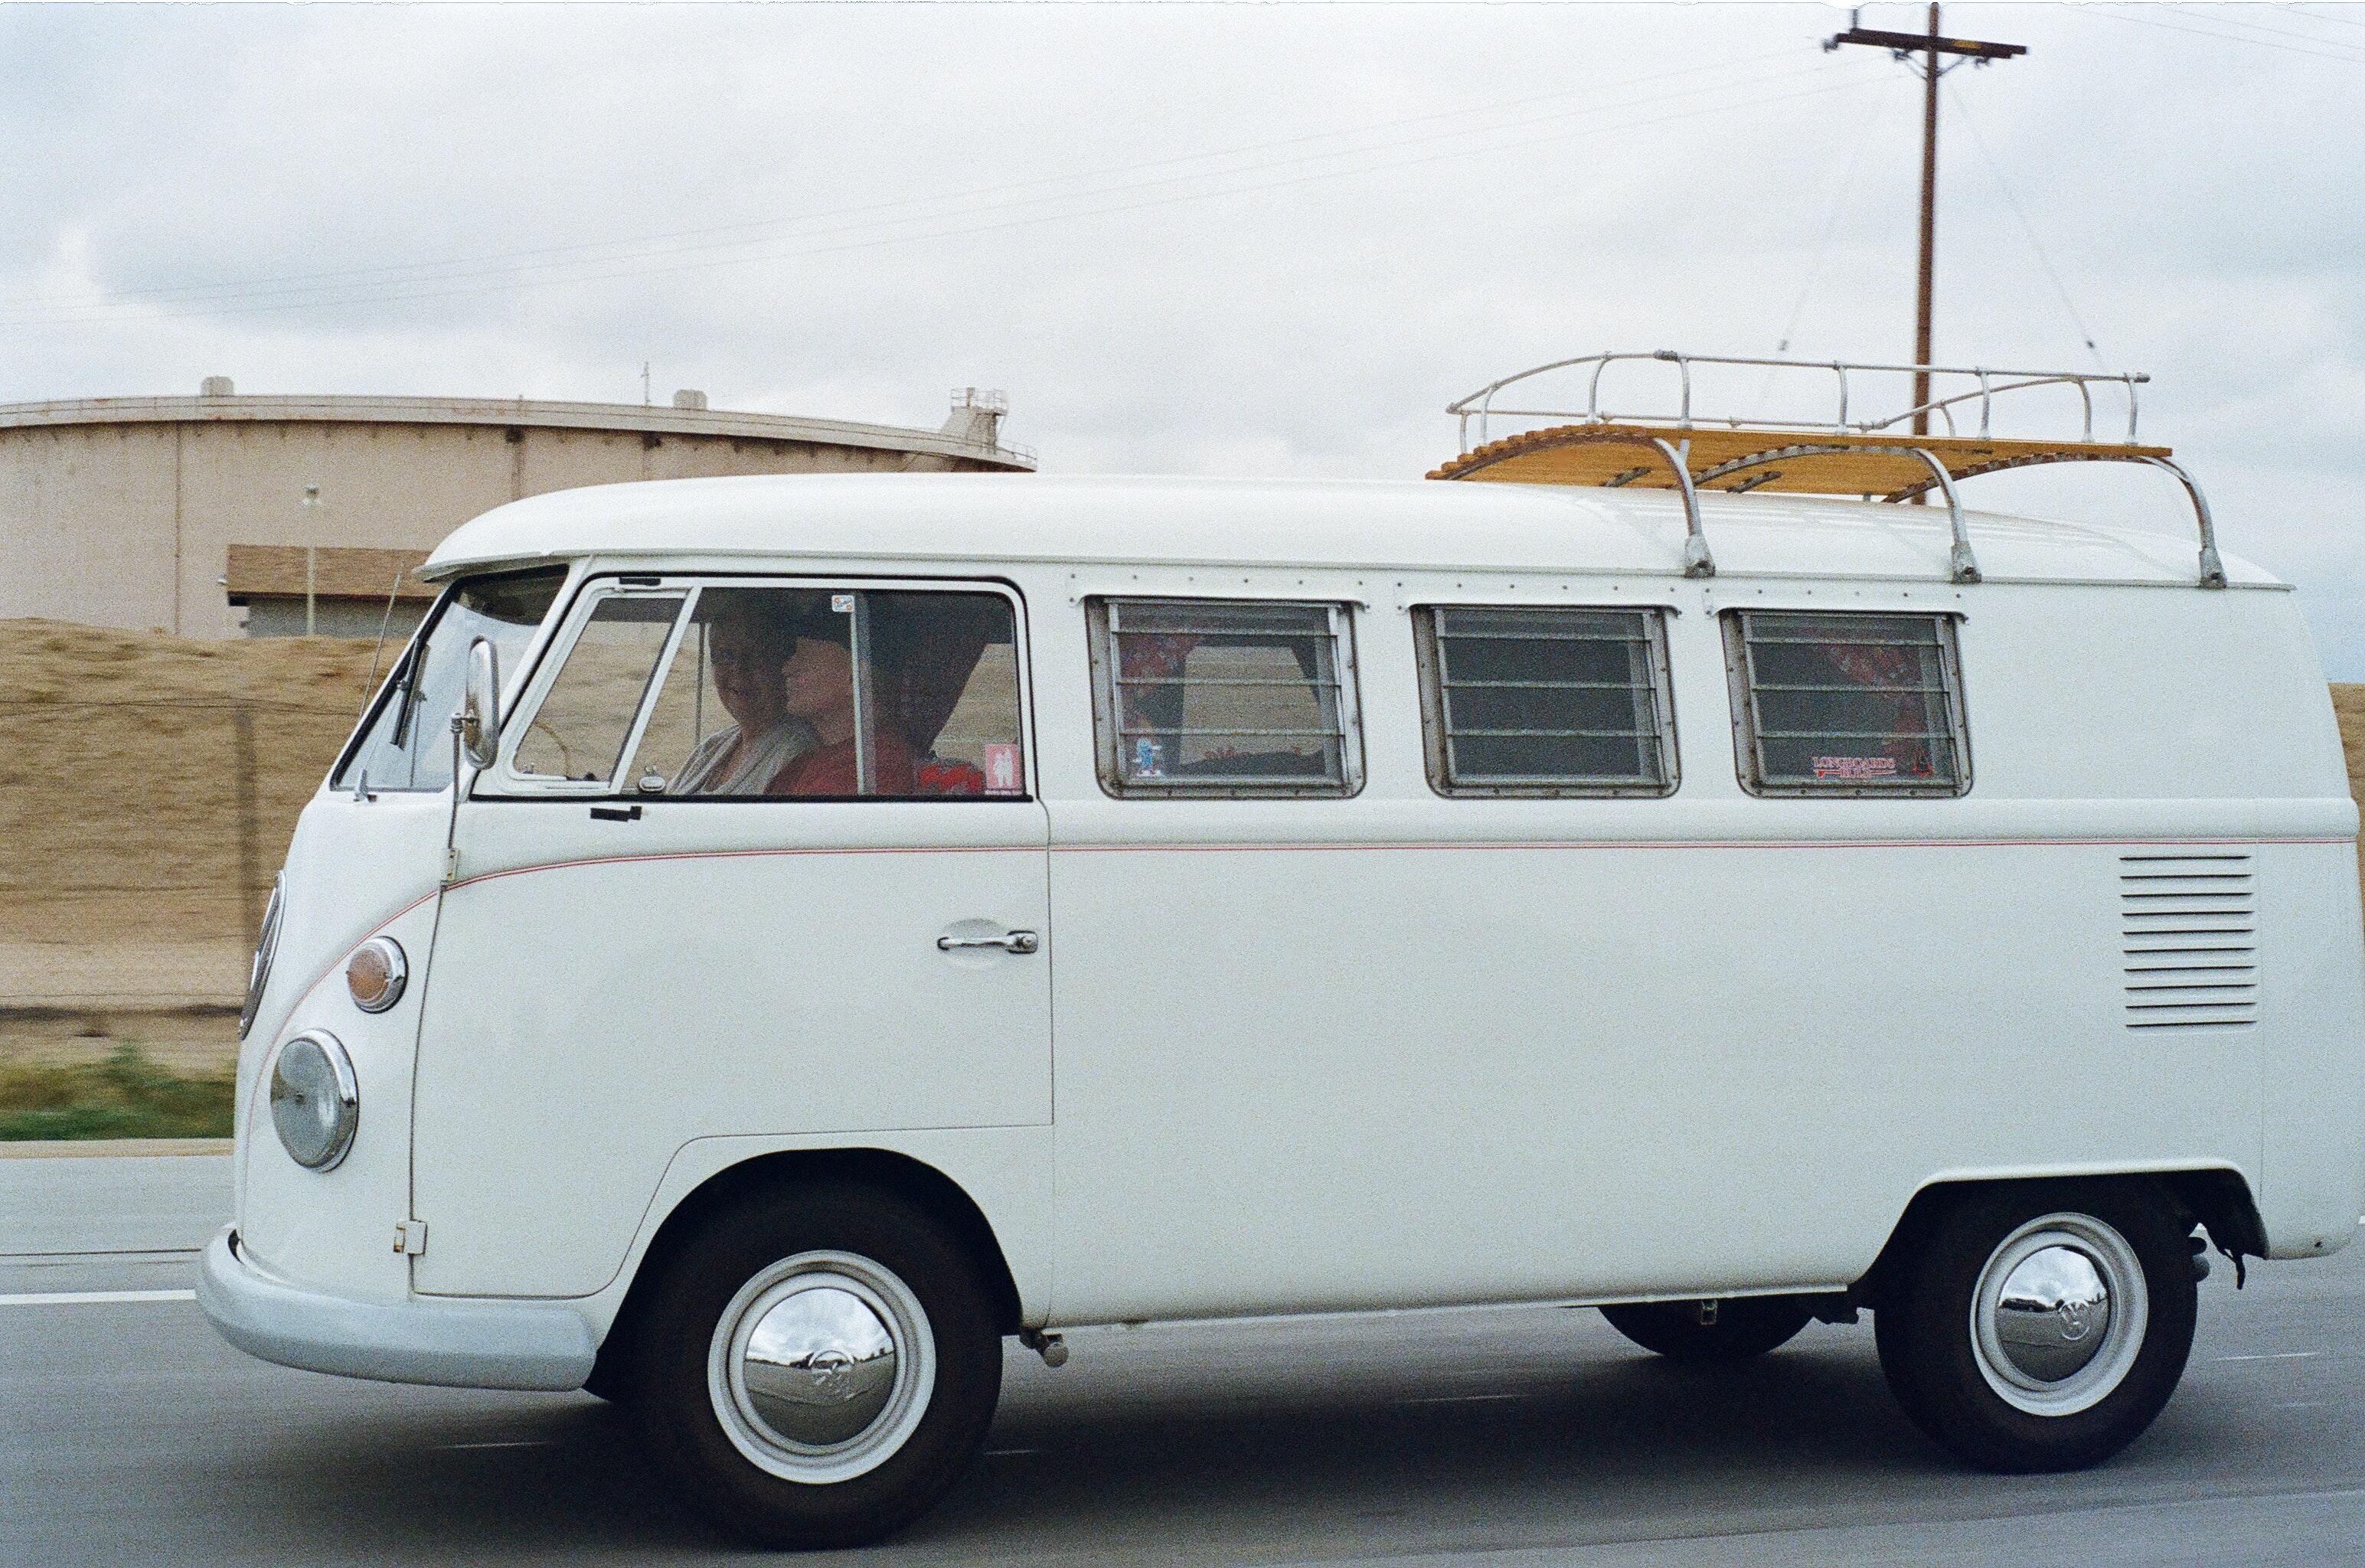 Volkswagen RV driving along Highway 1 in California